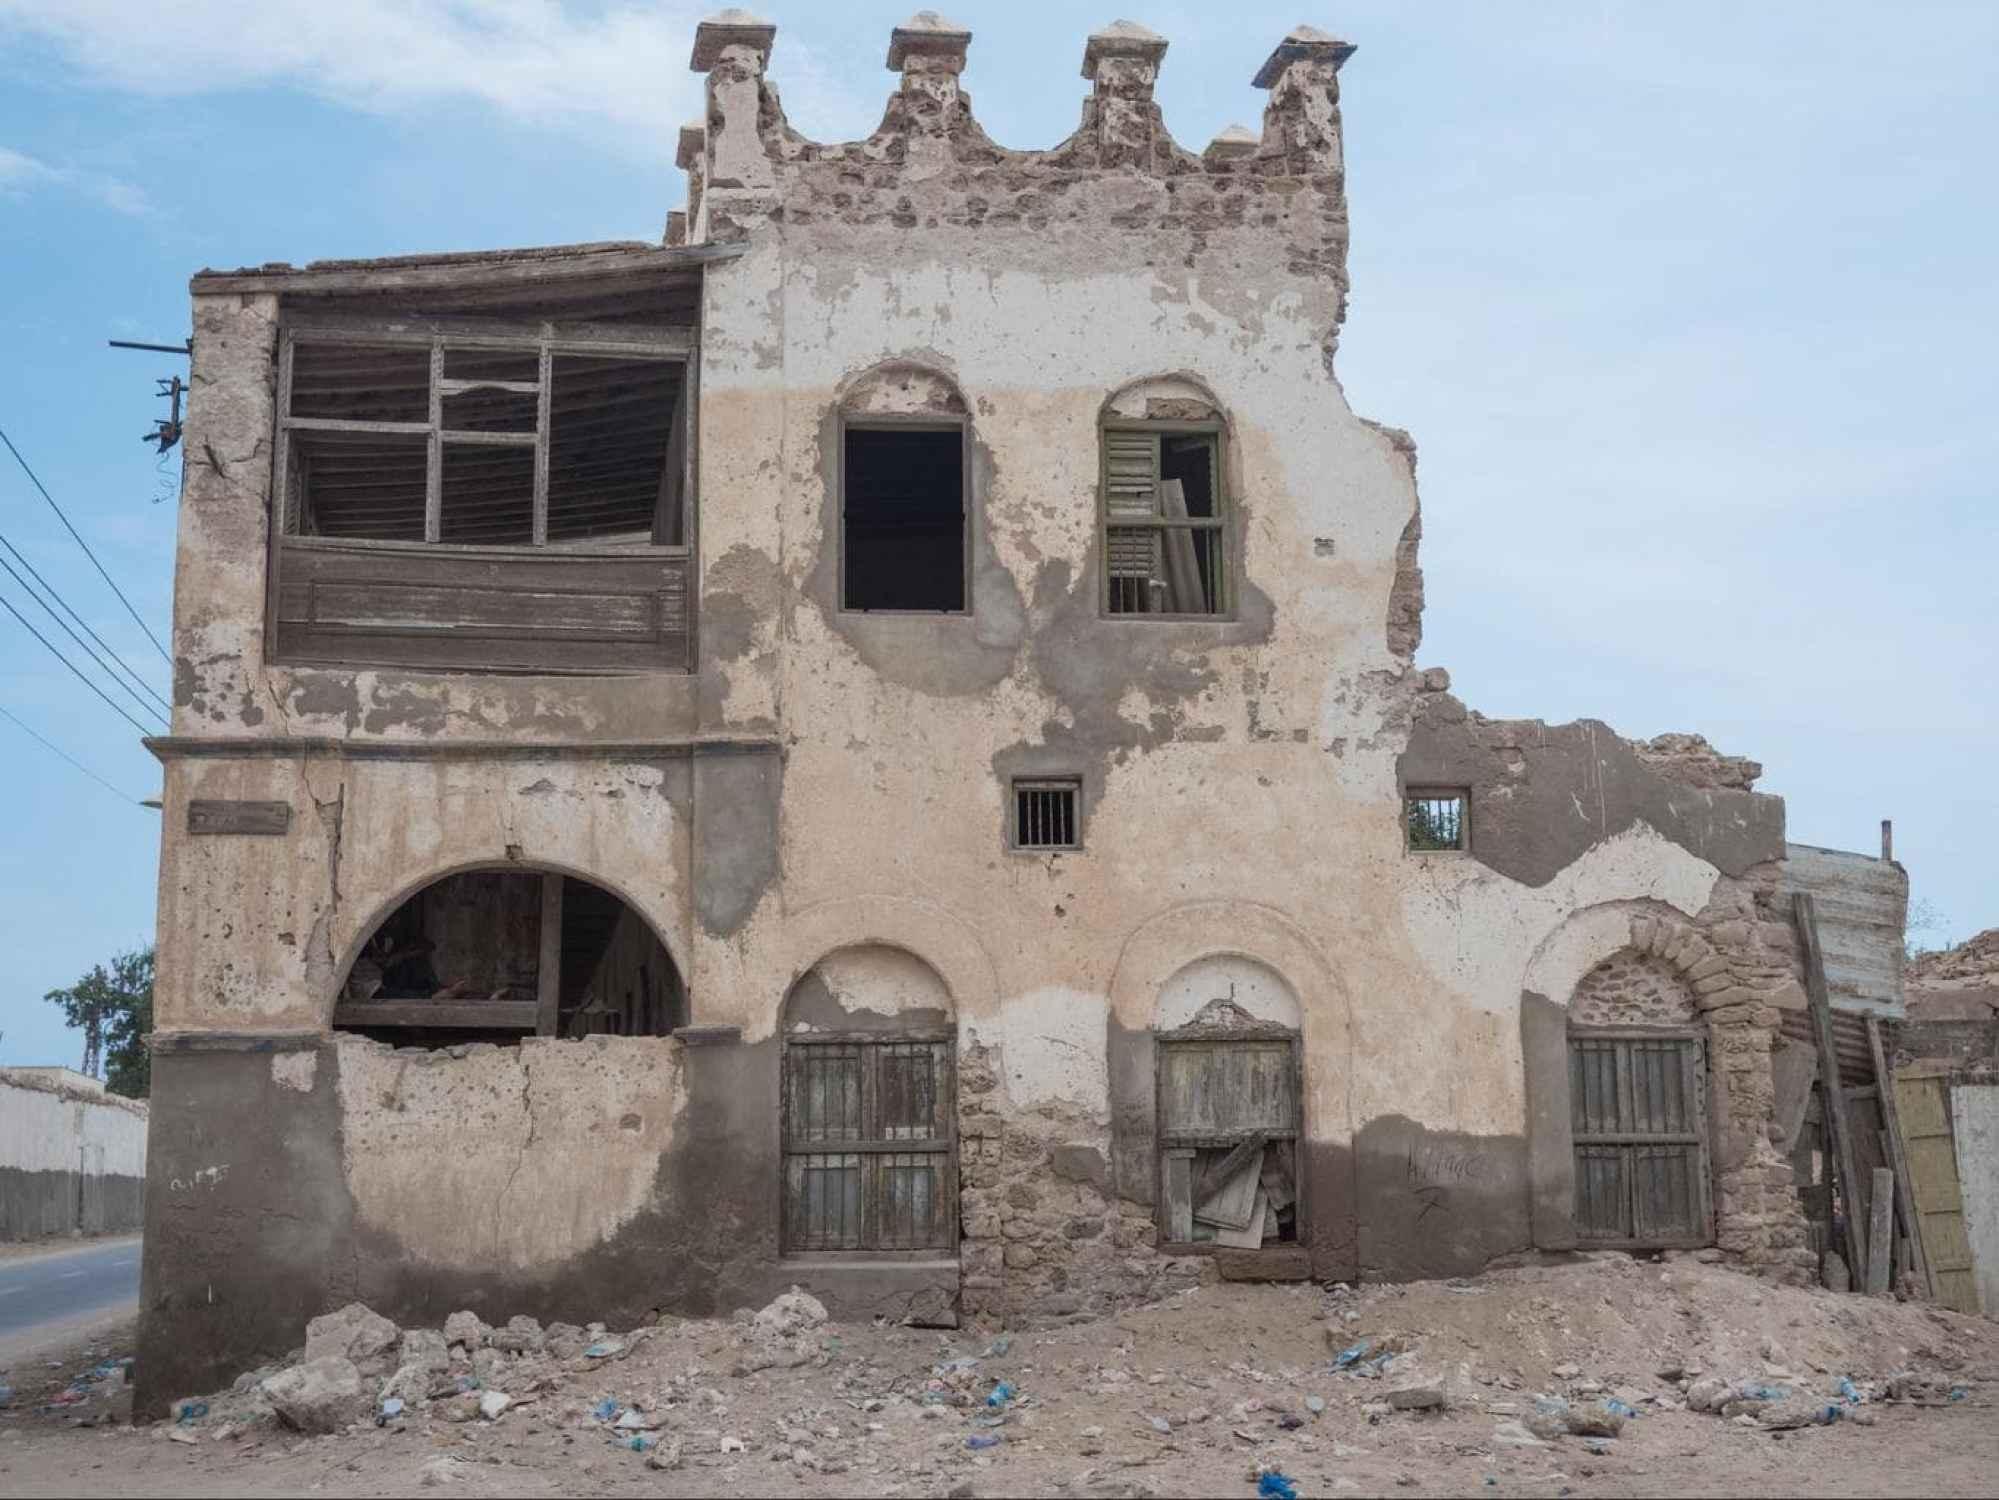 Old colonial buildings in Berbera